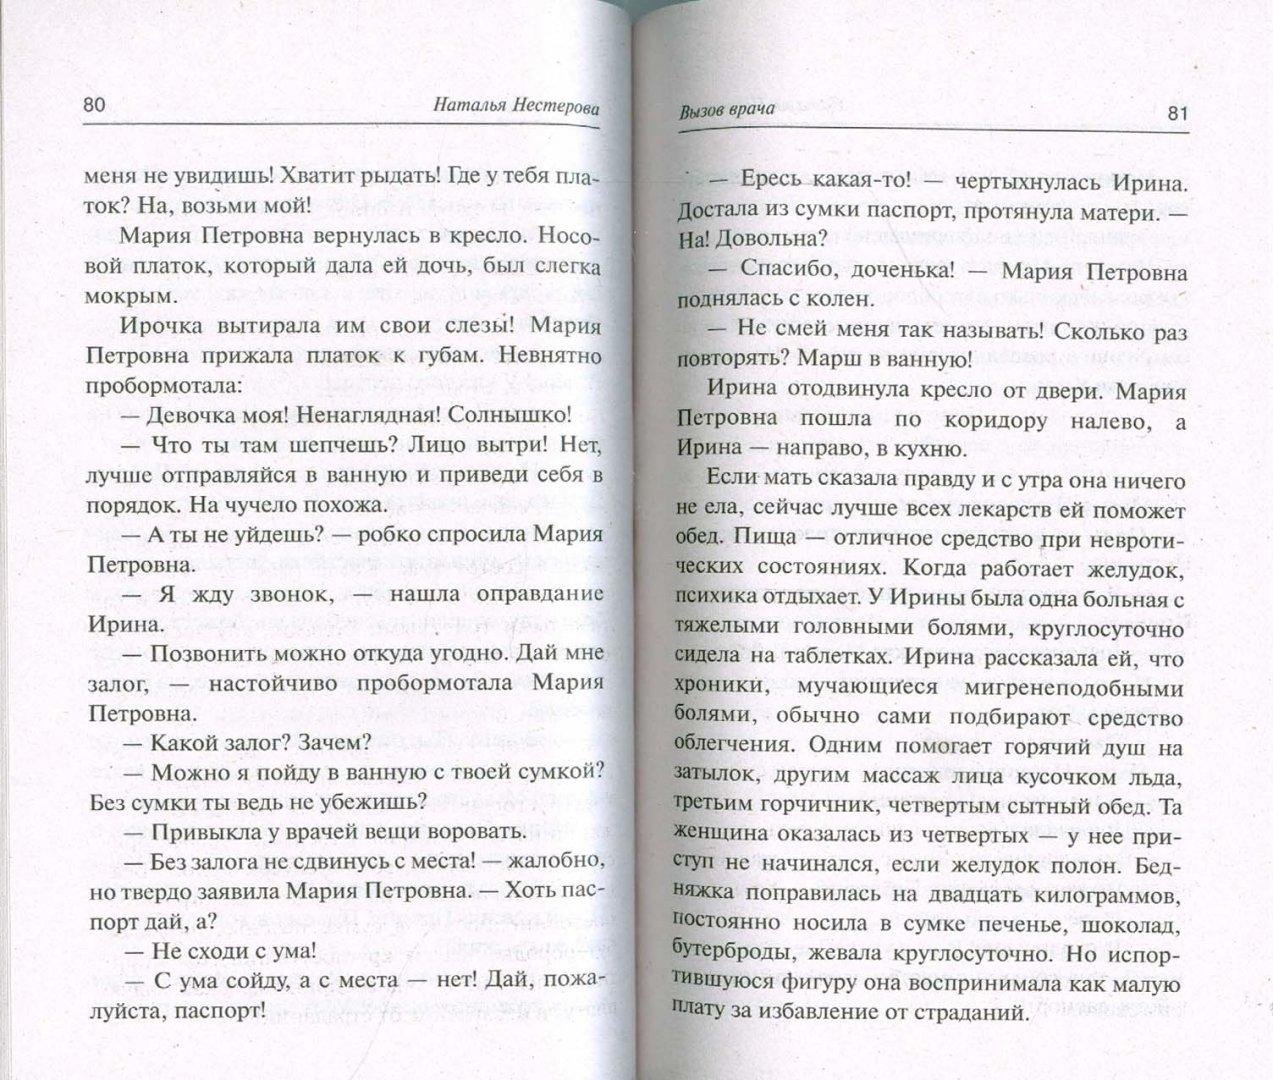 Иллюстрация 1 из 5 для Вызов врача - Наталья Нестерова | Лабиринт - книги. Источник: Лабиринт